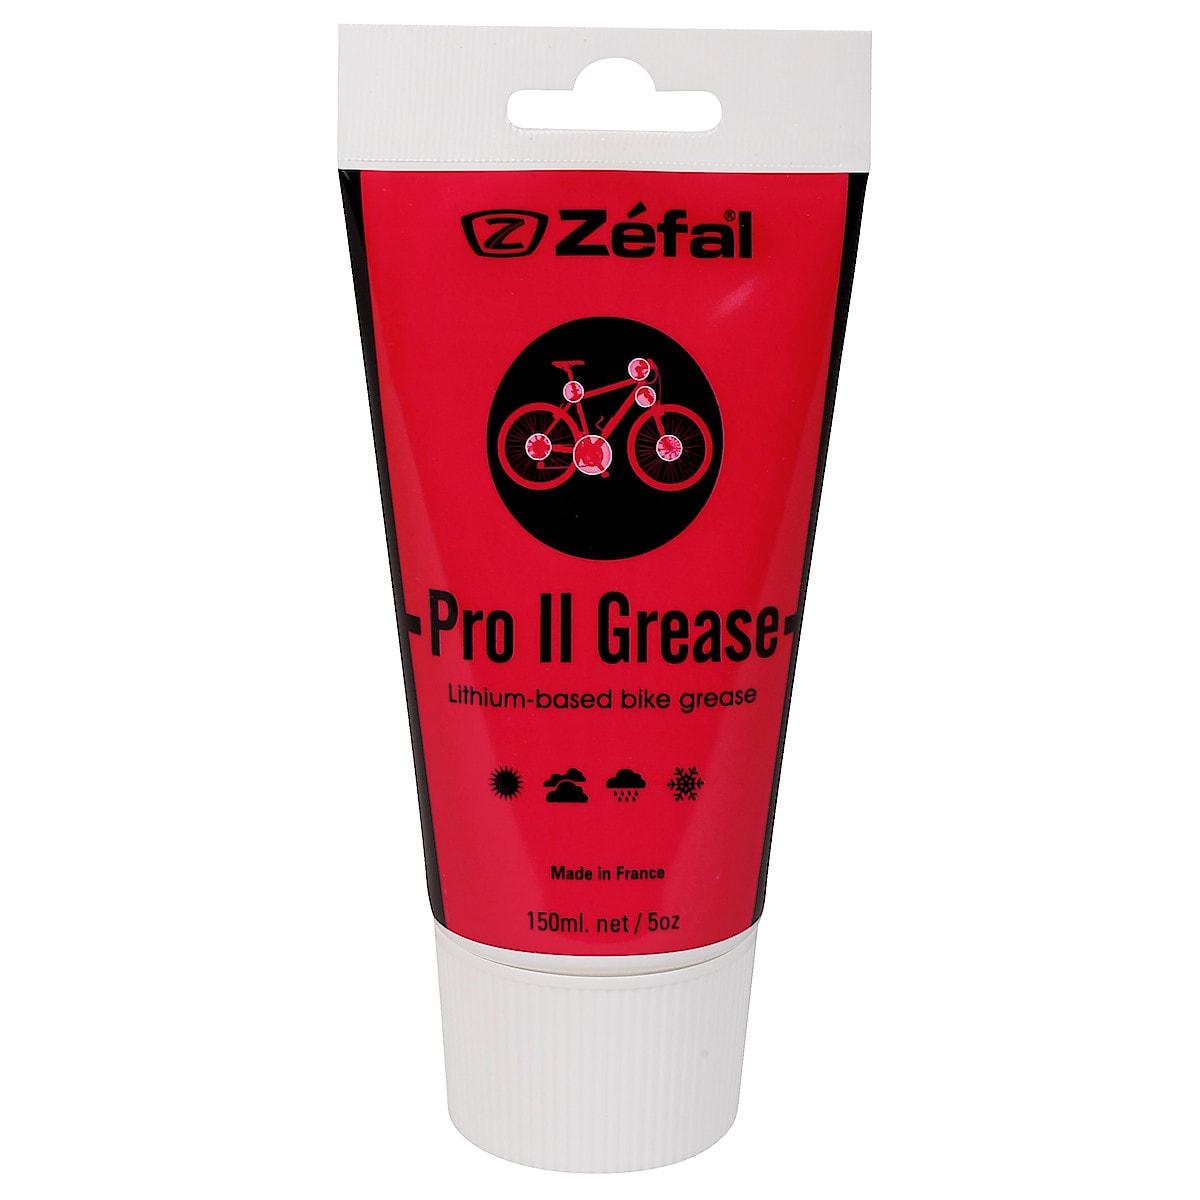 Cykelfett Zéfal Pro II Grease